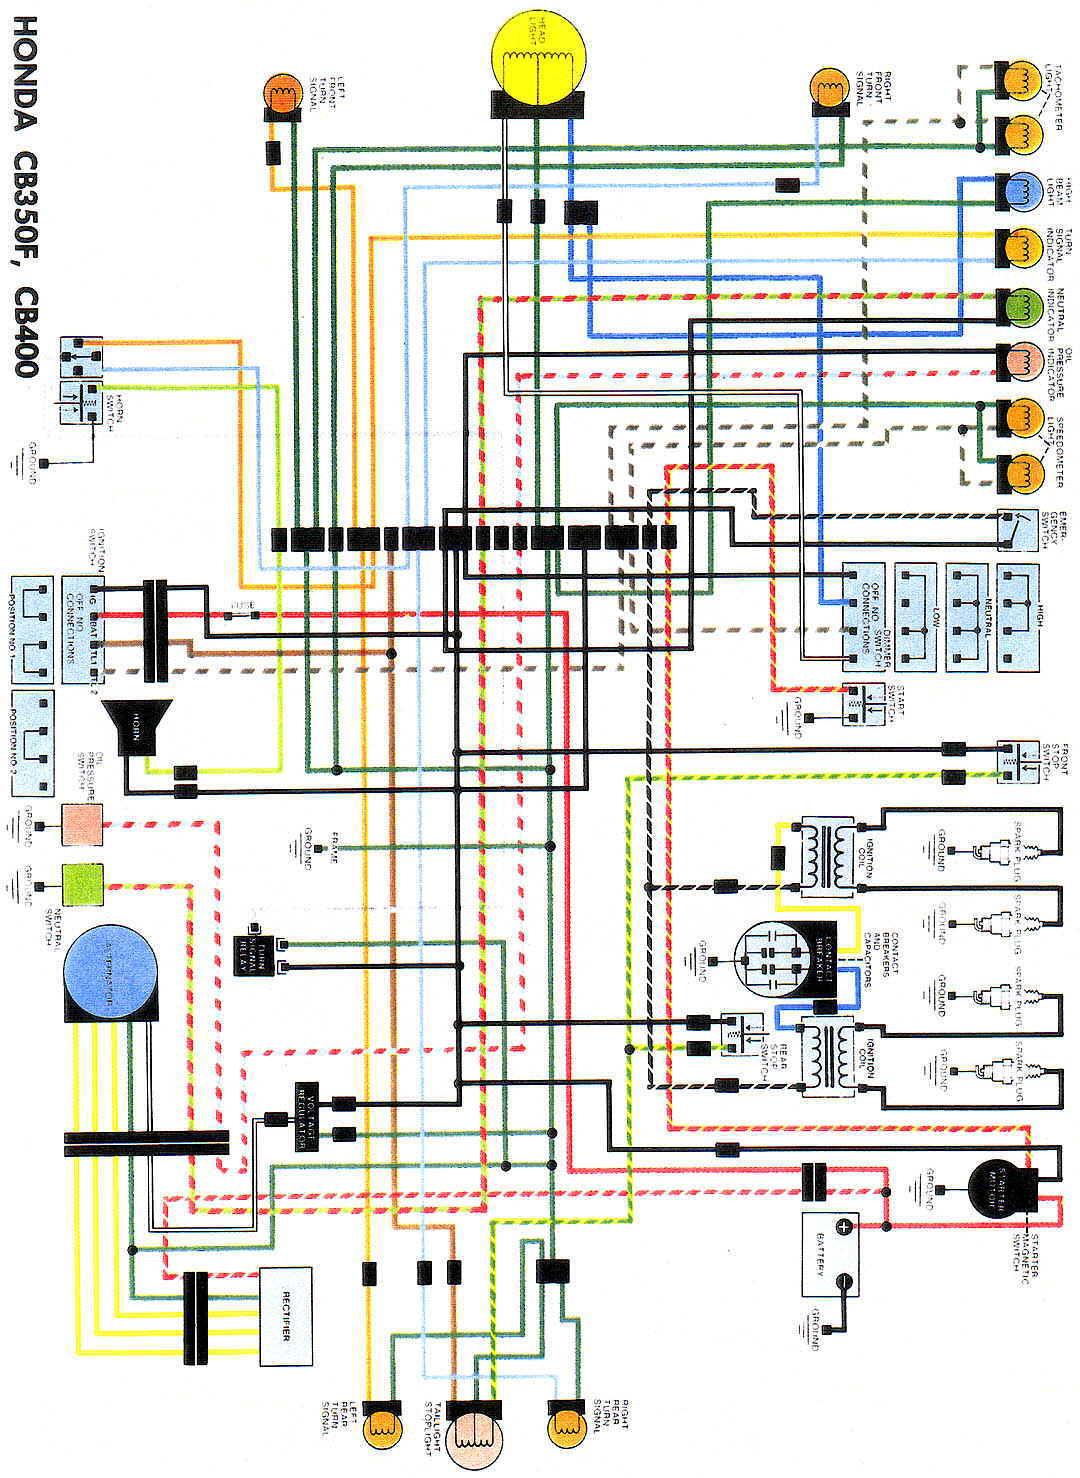 honda vt500c wiring diagram wiring diagram g11 vt500 wiring diagram wiring schematic